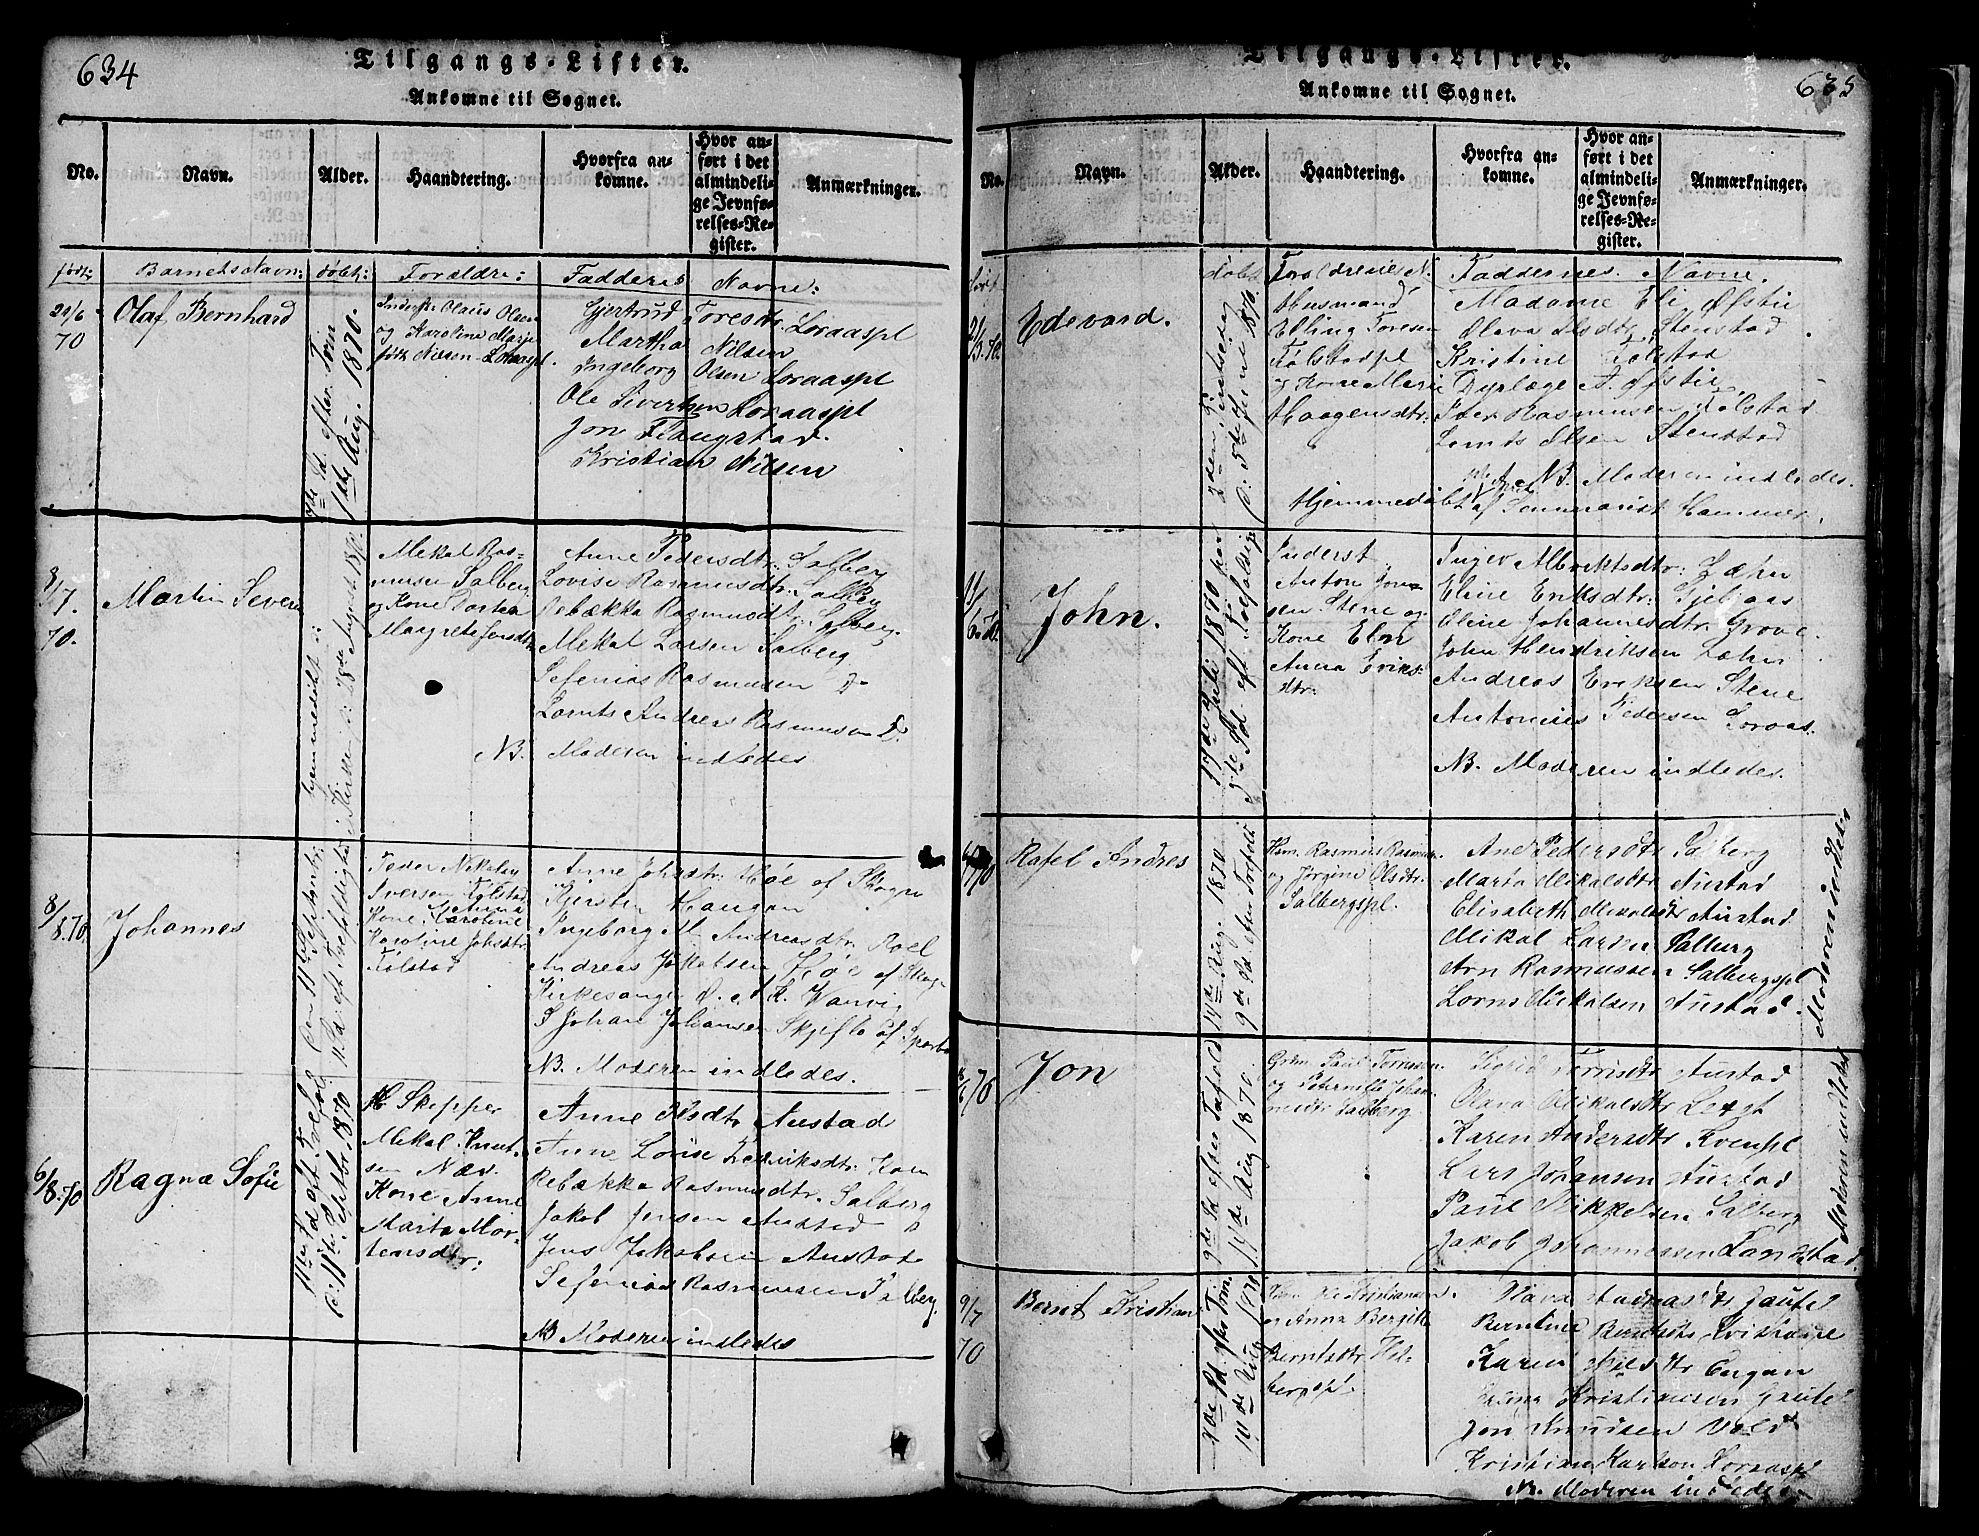 SAT, Ministerialprotokoller, klokkerbøker og fødselsregistre - Nord-Trøndelag, 731/L0310: Klokkerbok nr. 731C01, 1816-1874, s. 634-635